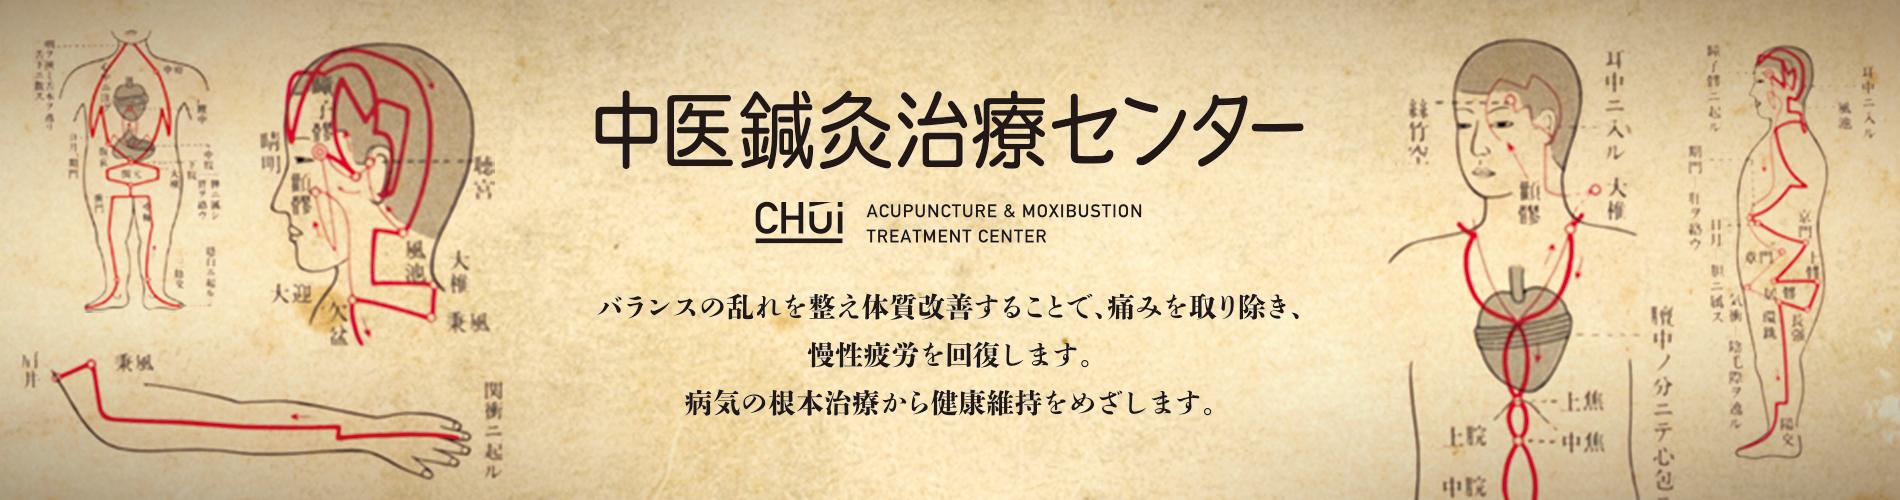 新潟市中央区はり・きゅう・マッサージ【中医鍼灸治療センター】